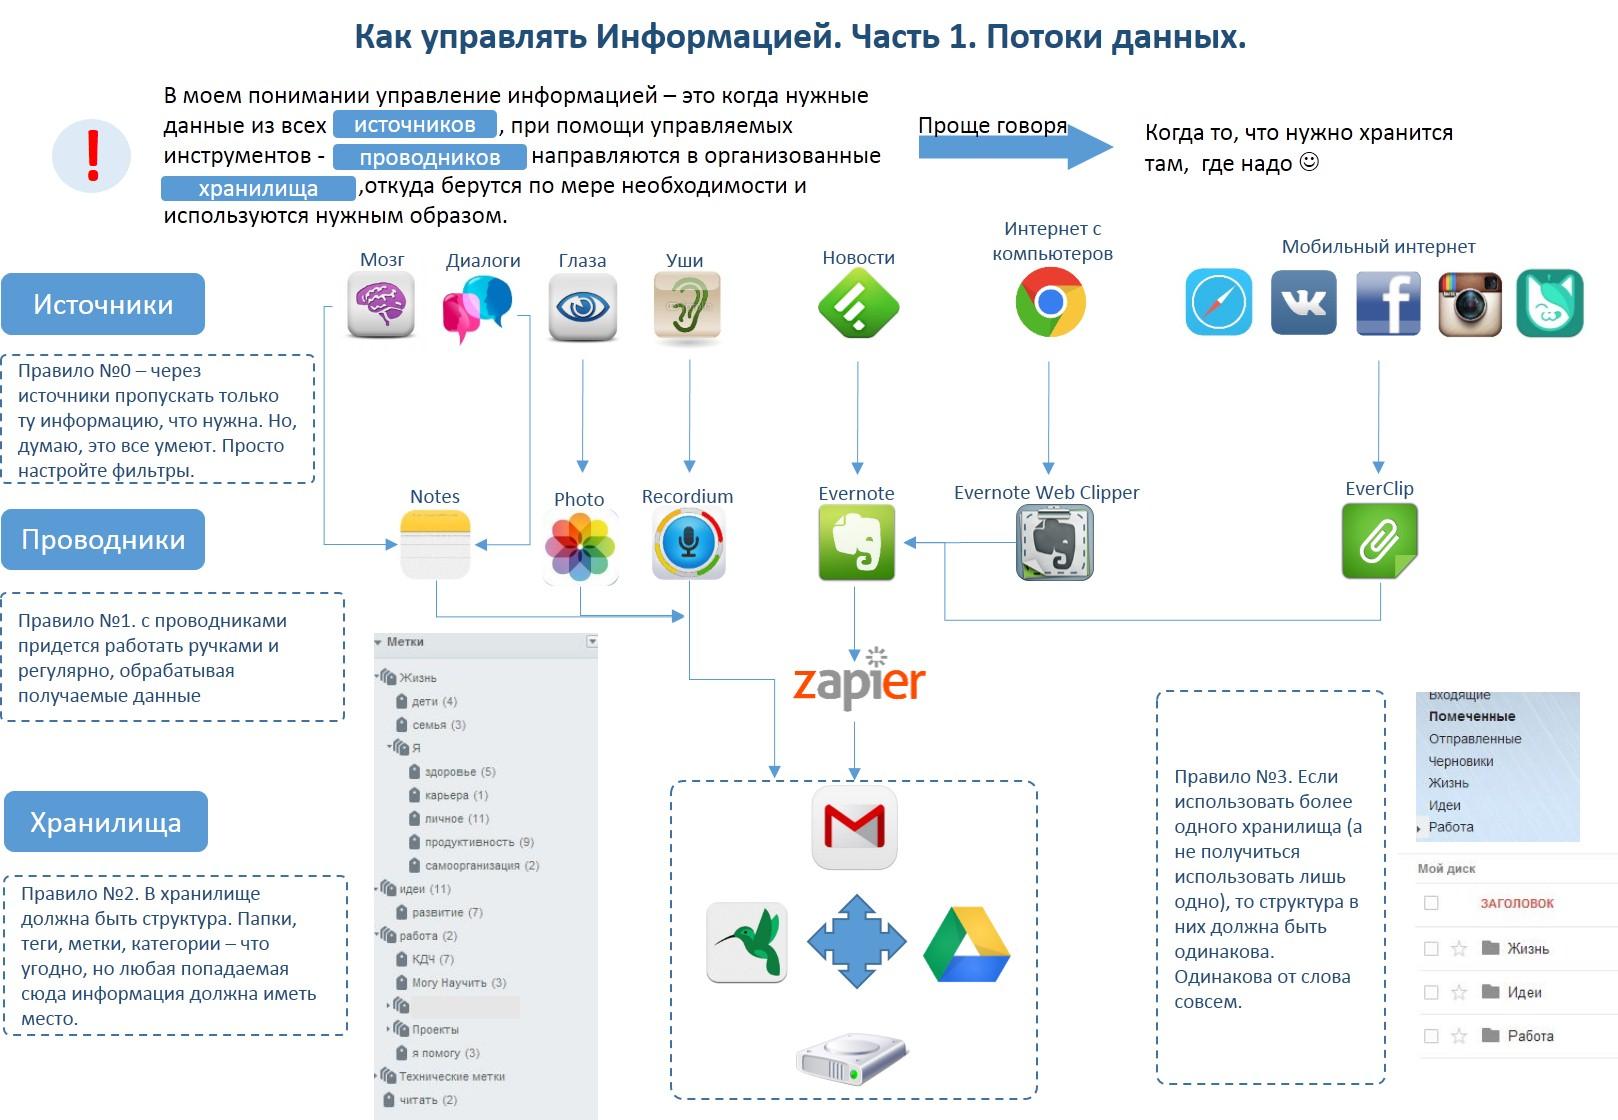 2014_02_08 Как управлять информацией. Часть1. Потоки данных